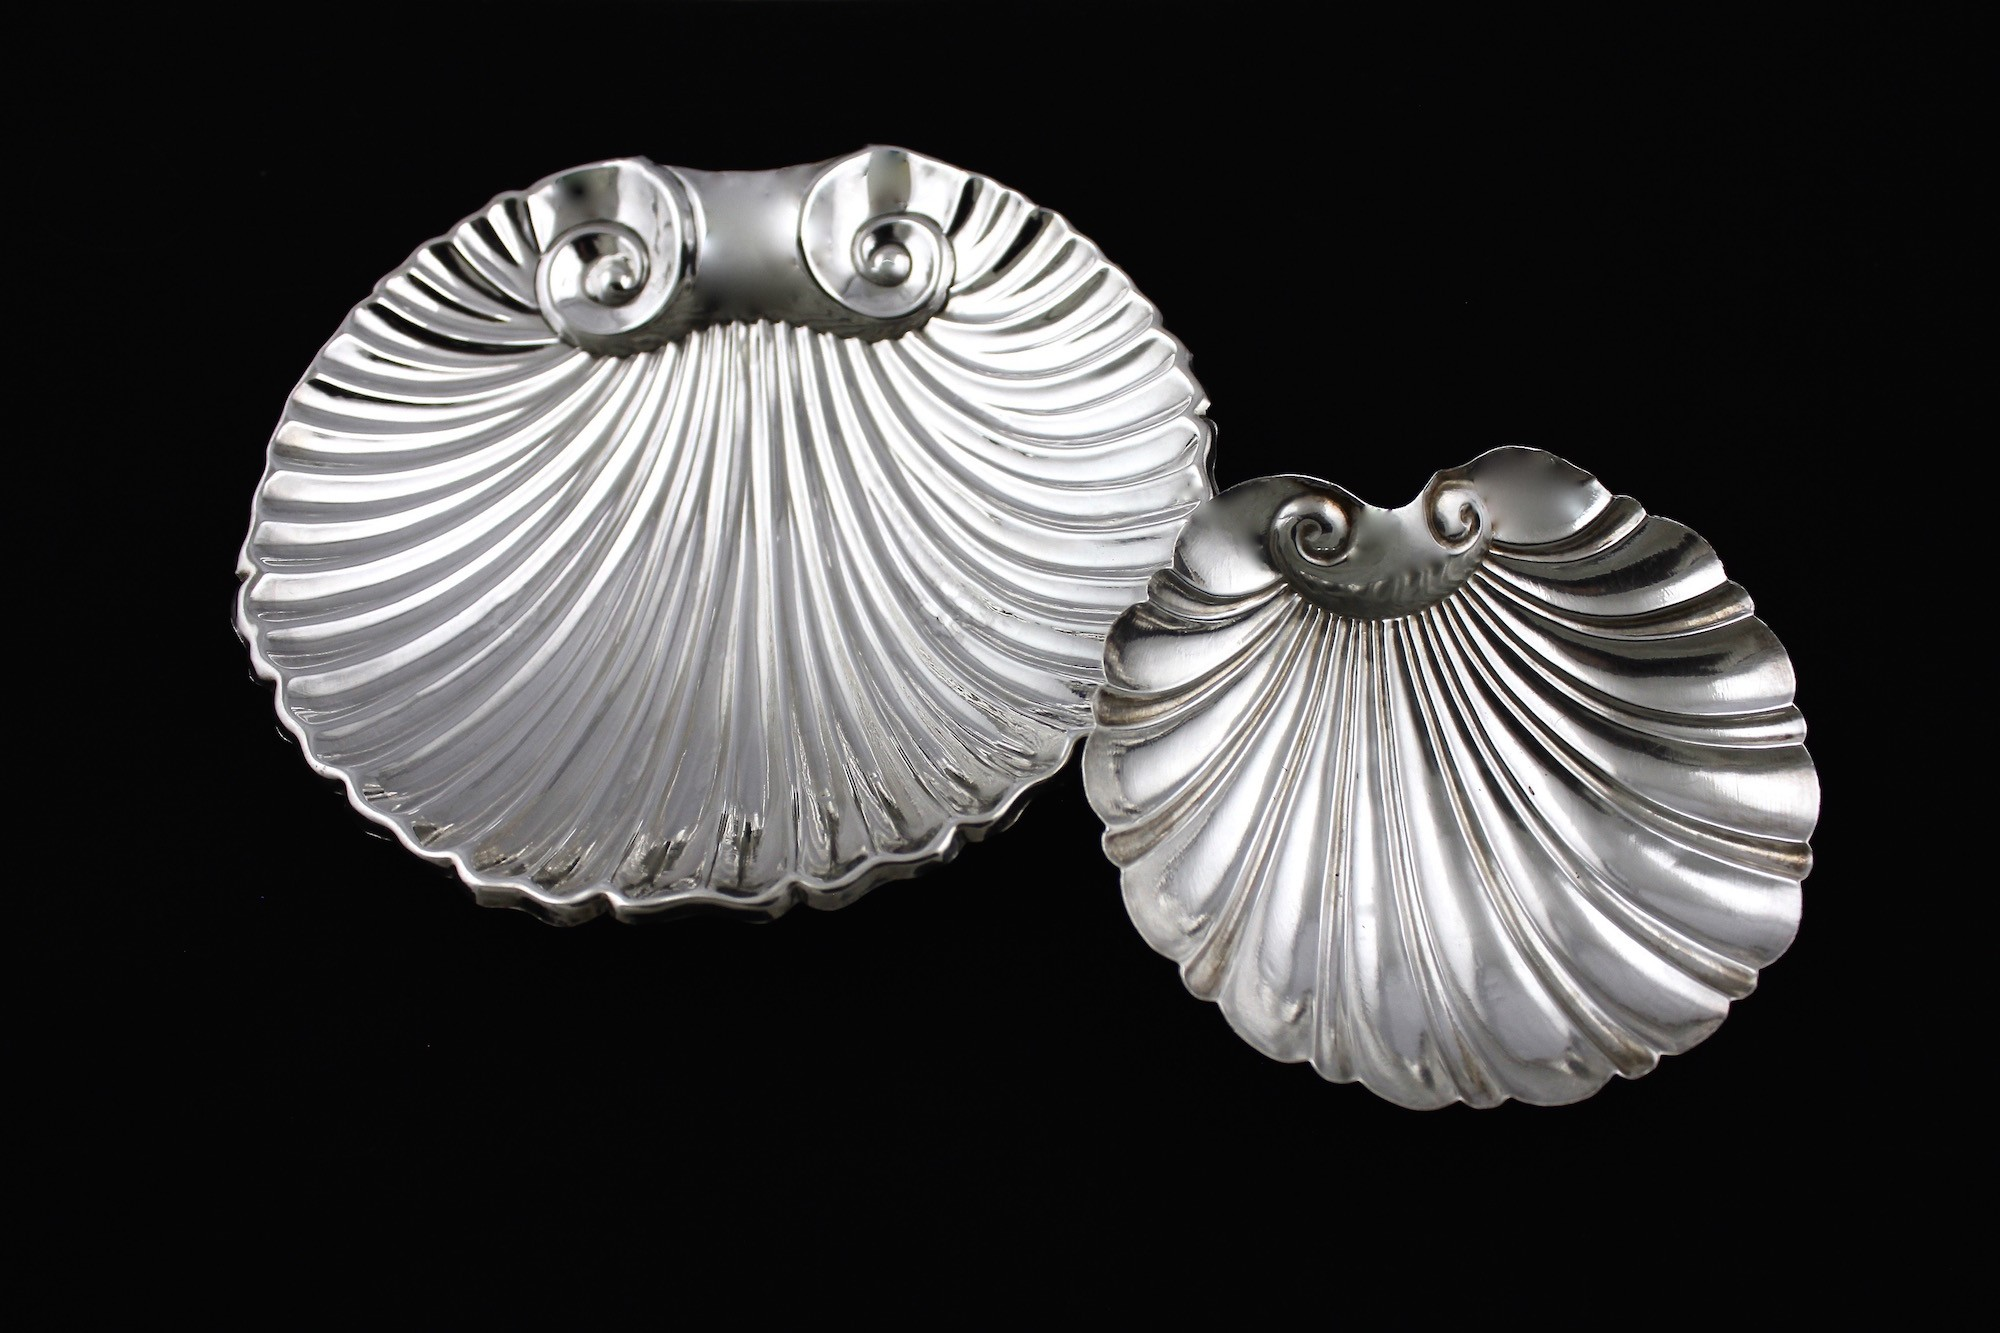 Серебряные масленка с икорницей